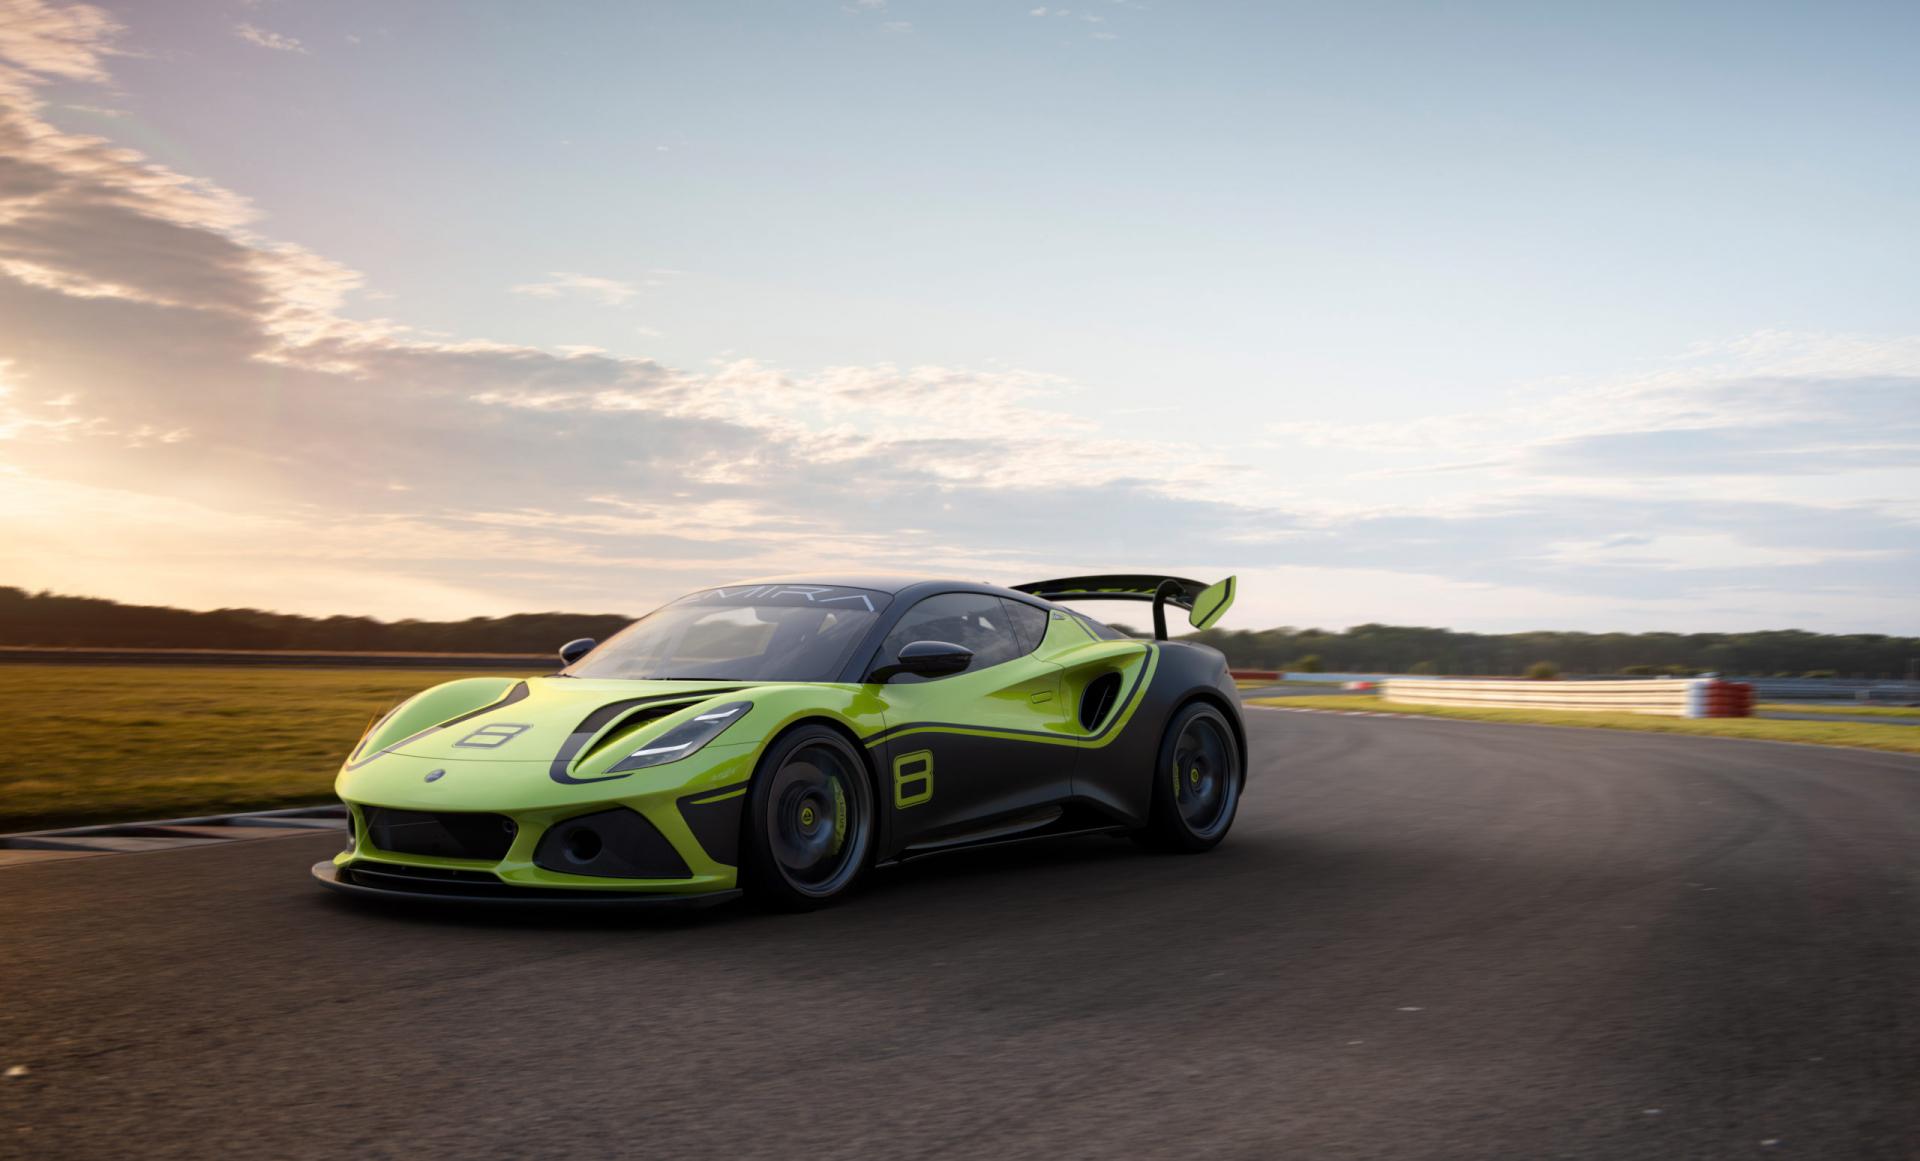 Lotus-Emira-GT4_1-scaled.jpg?itok=nlOsjg5Q